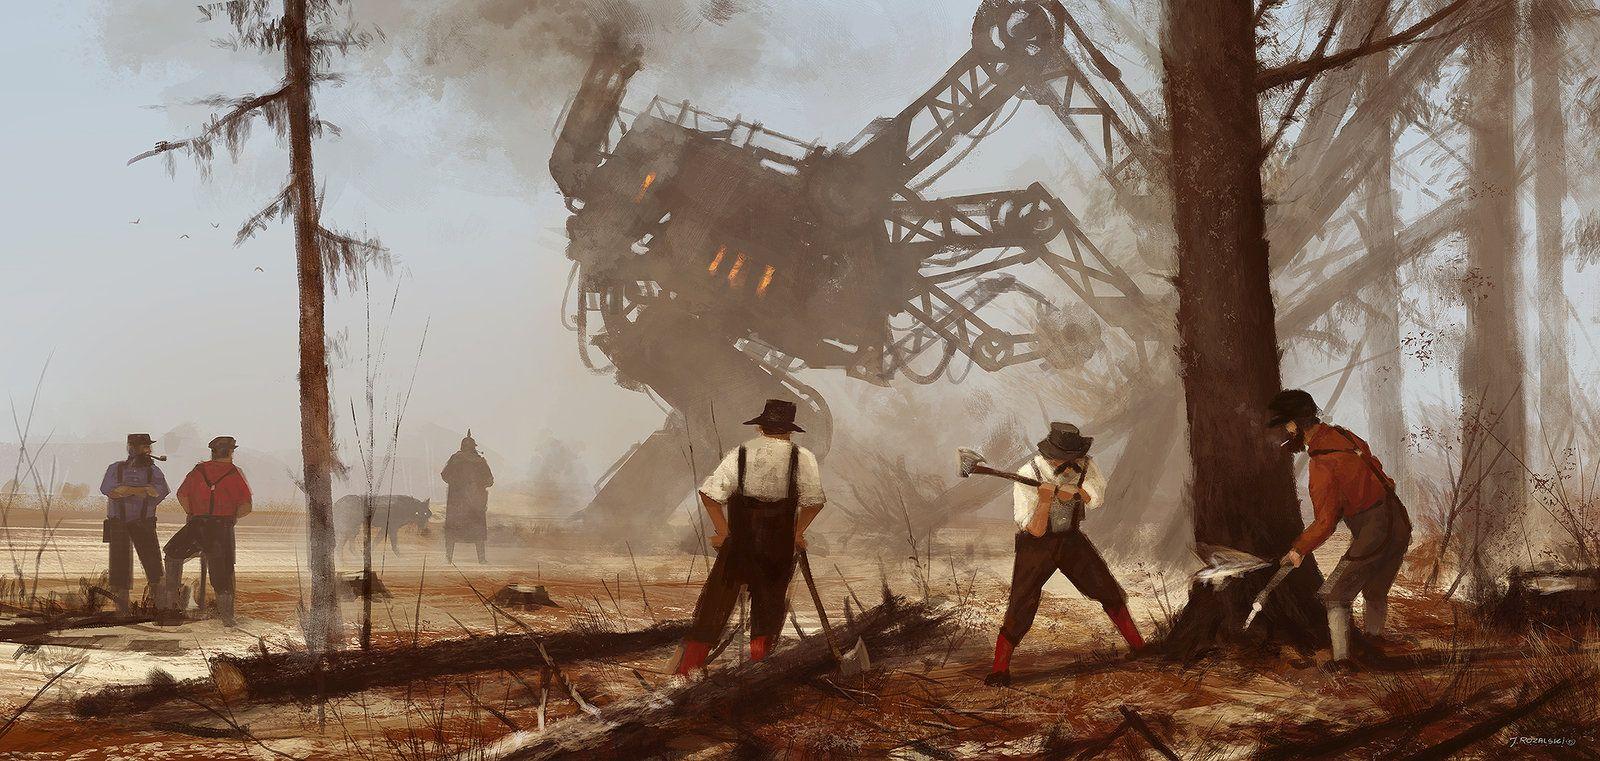 1920 - machine over muscle, Jakub Rozalski on ArtStation at https://www.artstation.com/artwork/V23k4